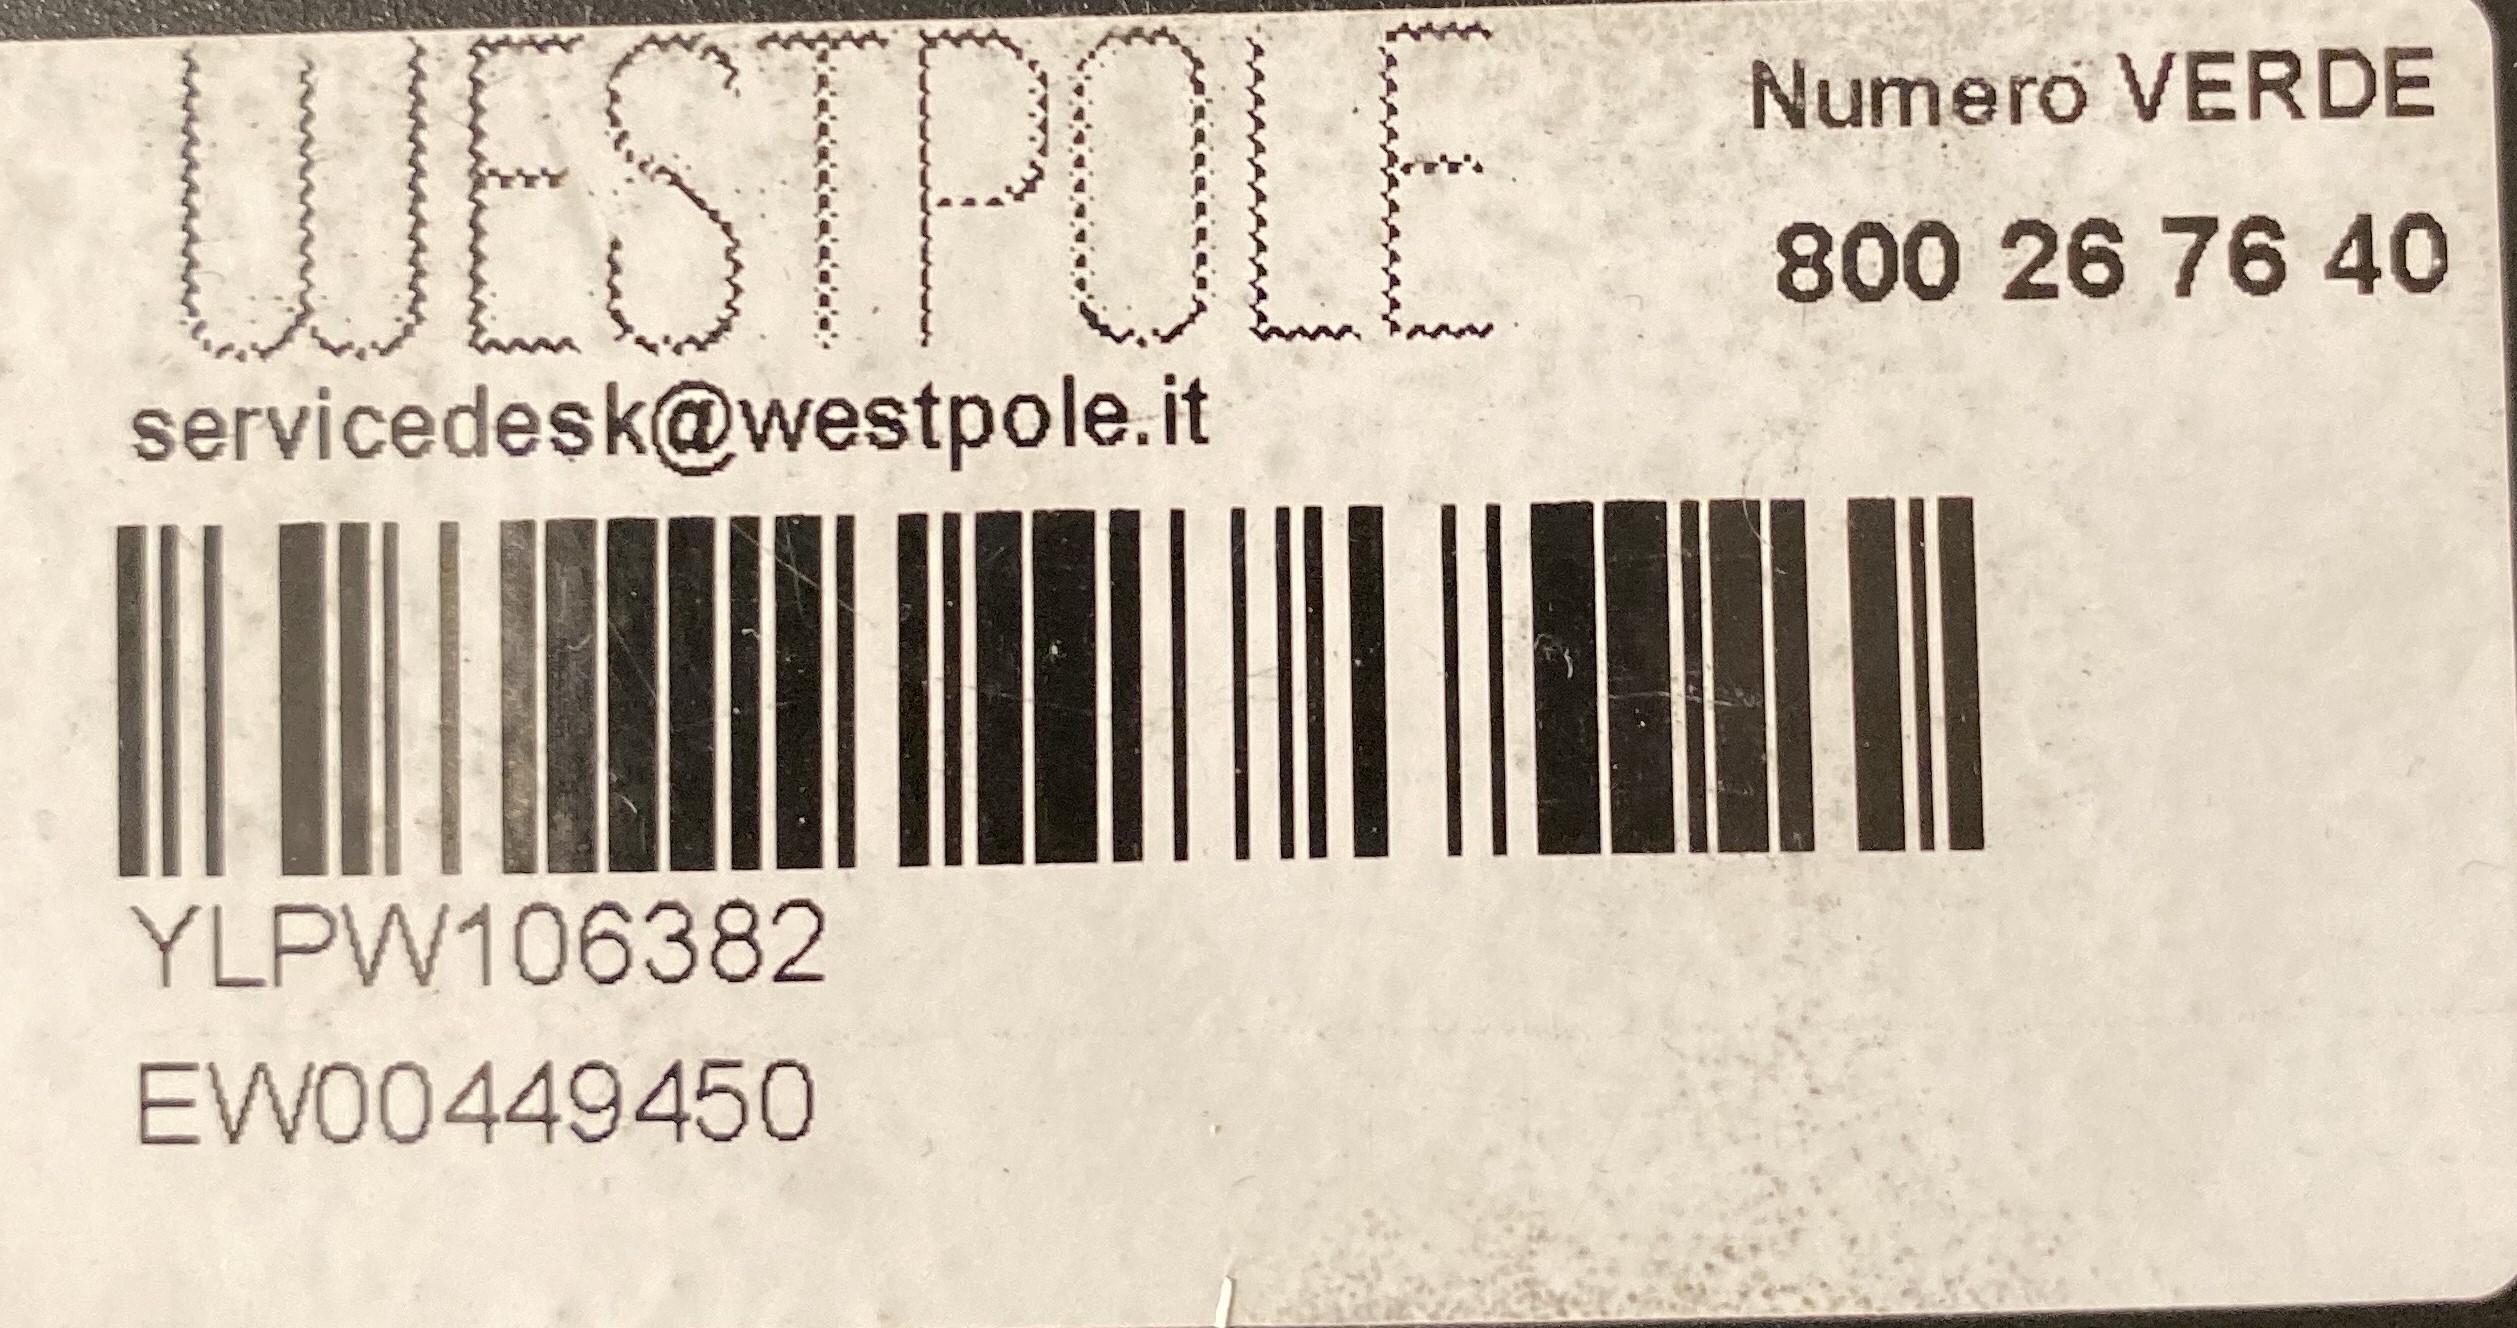 etichetta che riporta il numero verde